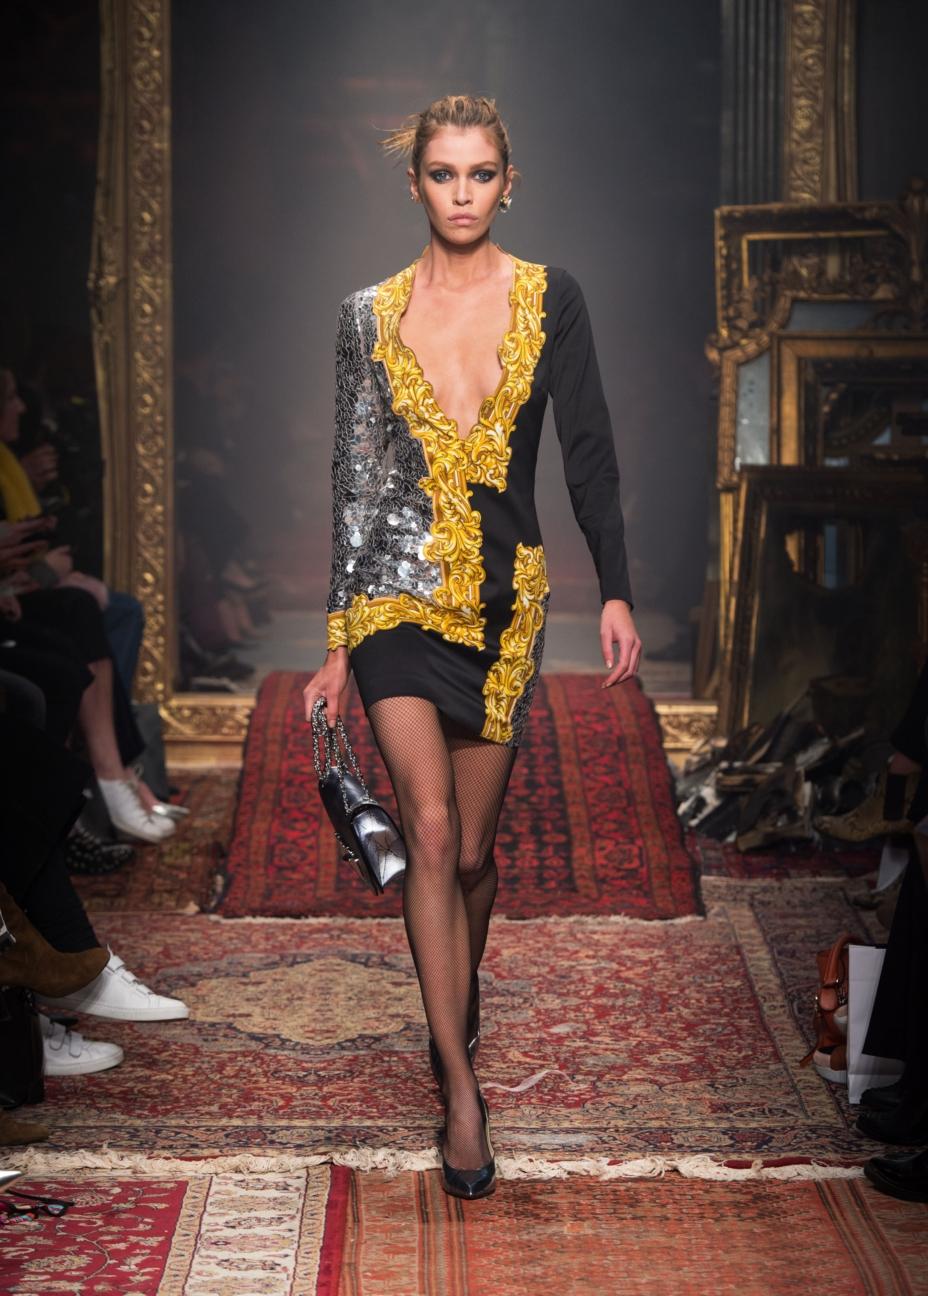 moschino-milan-fashion-week-aw-16-49